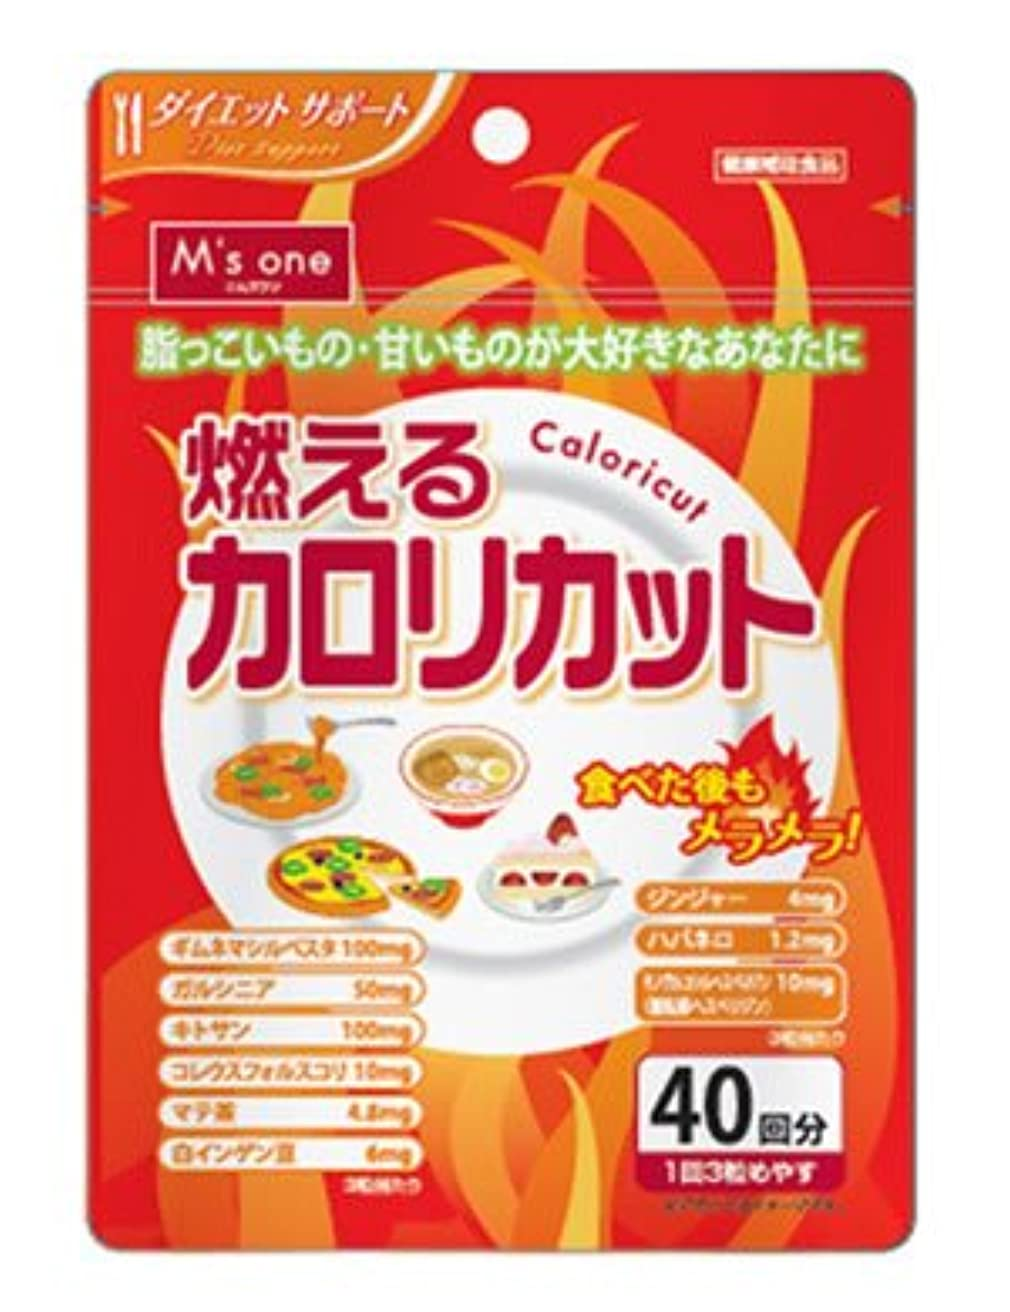 ミシンビスケットであるエムズワン 燃えるカロリカット ダイエットサポート サプリメント 健康補助食品 (40回分)